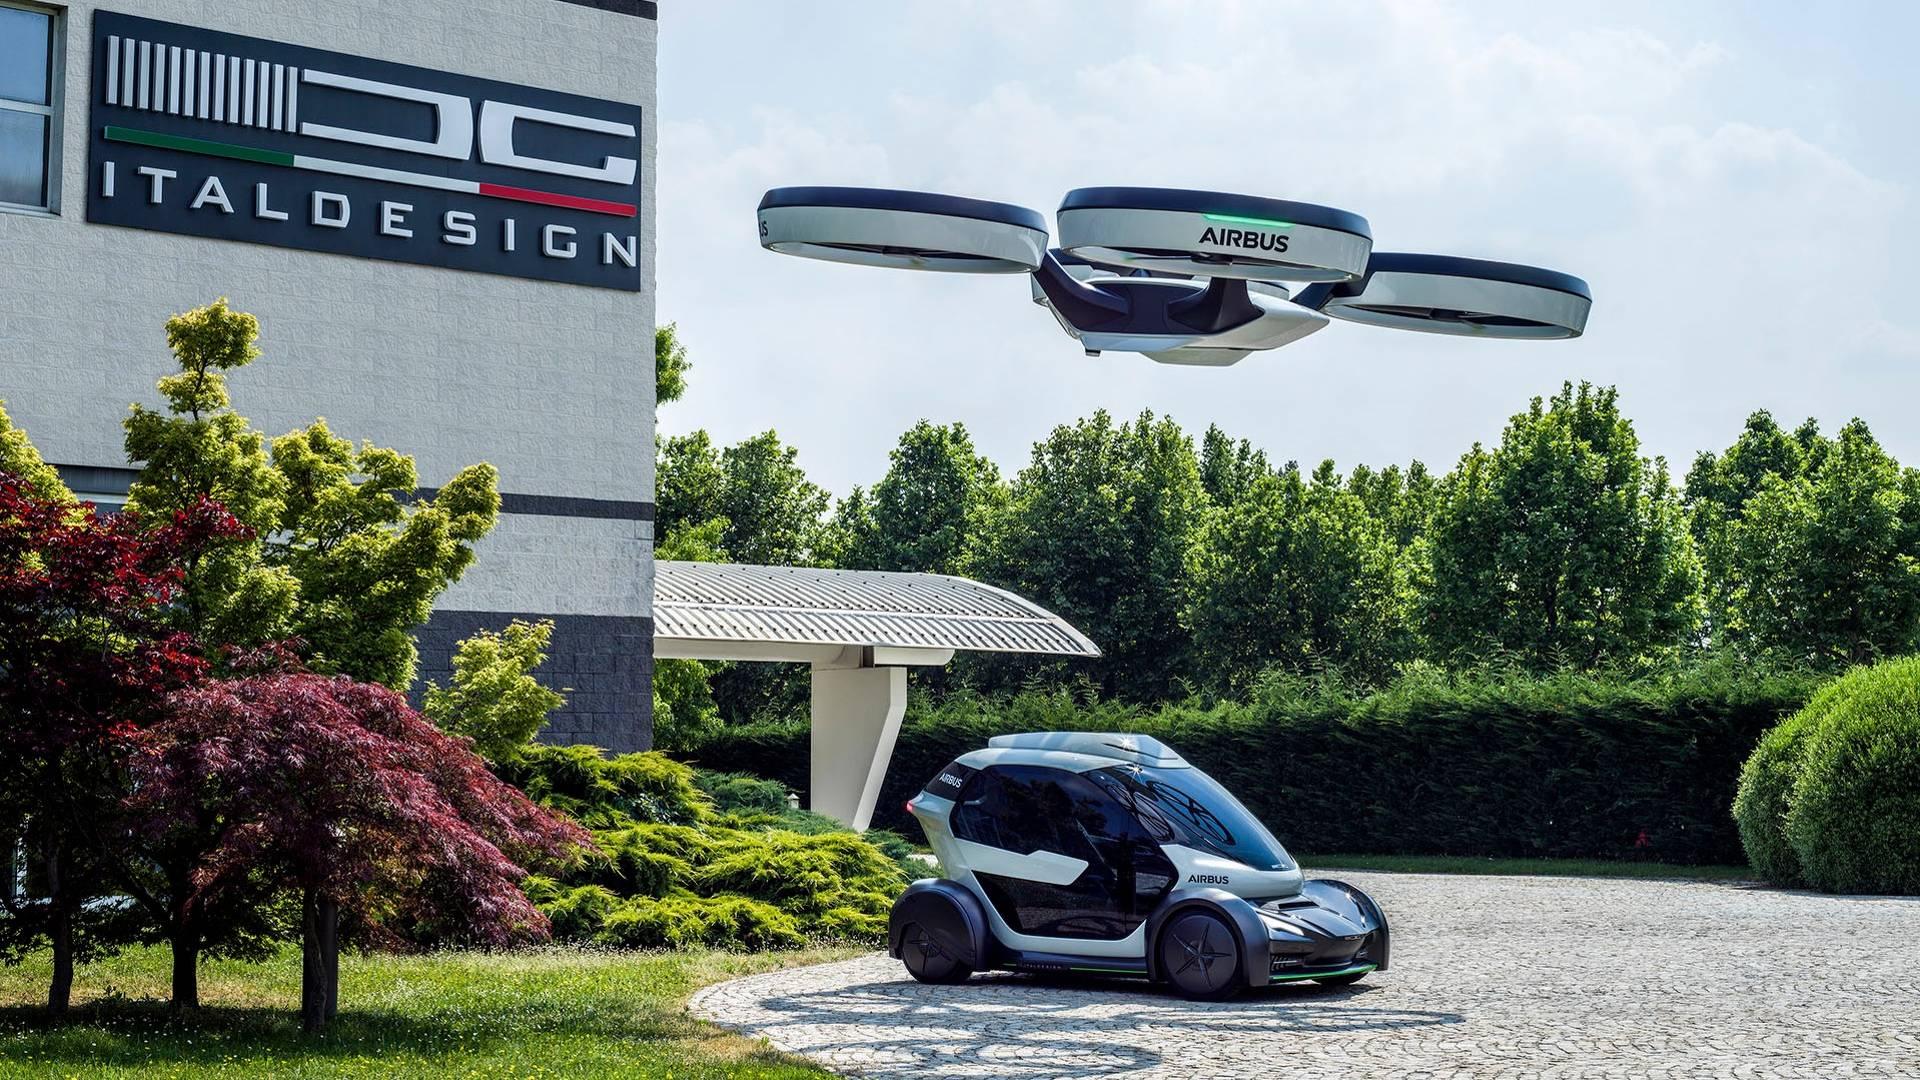 Audi Airbus ItalDesign Pop.Up Next concept (11)